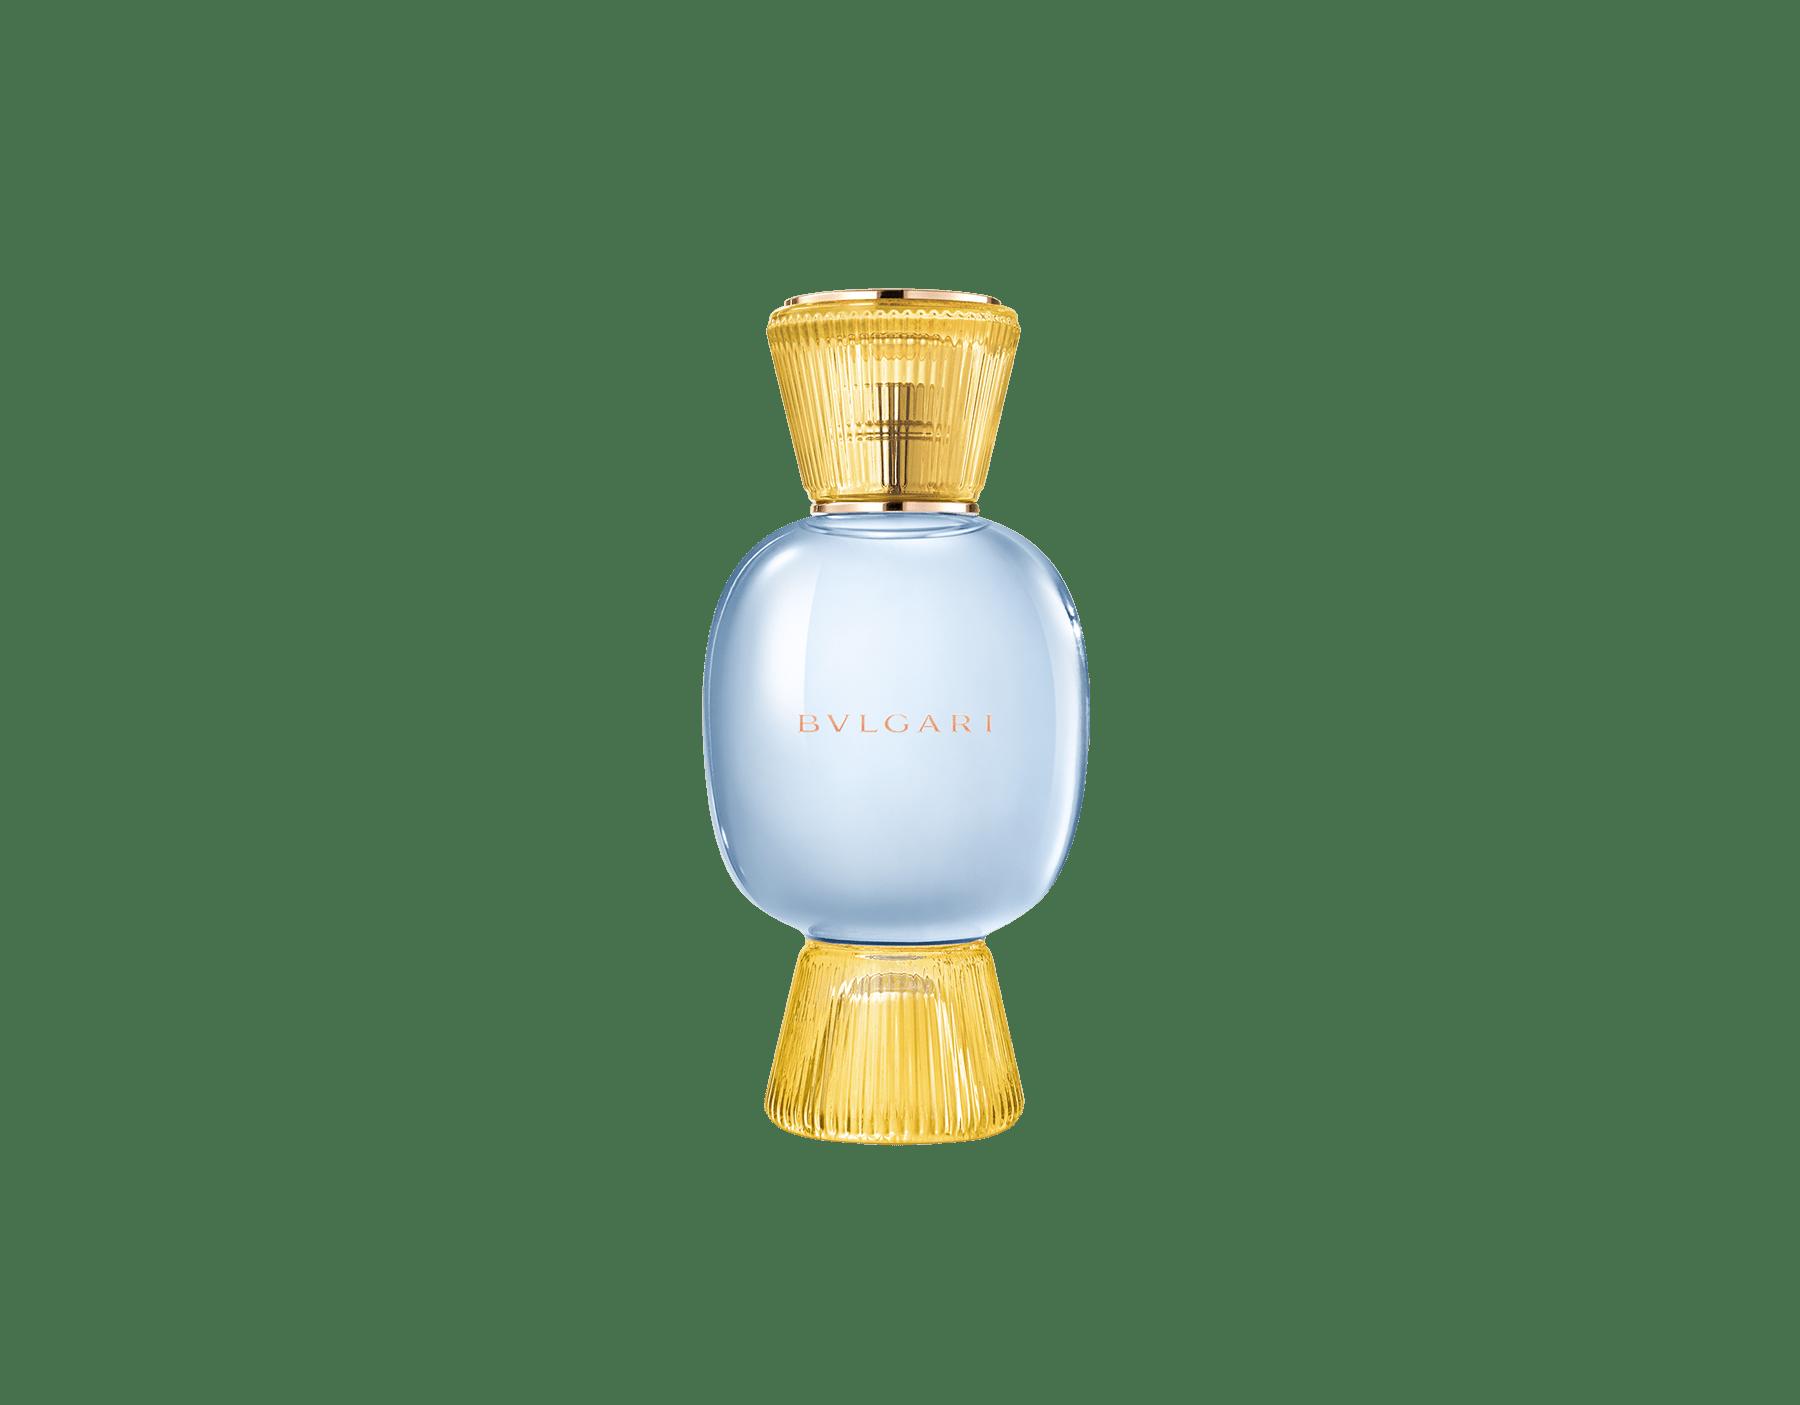 Un coffret de parfums exclusif, aussi unique et audacieux que vous. Pétillante et riche en agrumes, l'Eau de Parfum Allegra Riva Solare se mêle à l'intensité voluptueuse et veloutée de l'essence du Magnifying Rose pour donner vie à une irrésistible fragrance personnalisée.  Perfume-Set-Riva-Solare-Eau-de-Parfum-and-Rose-Magnifying image 2